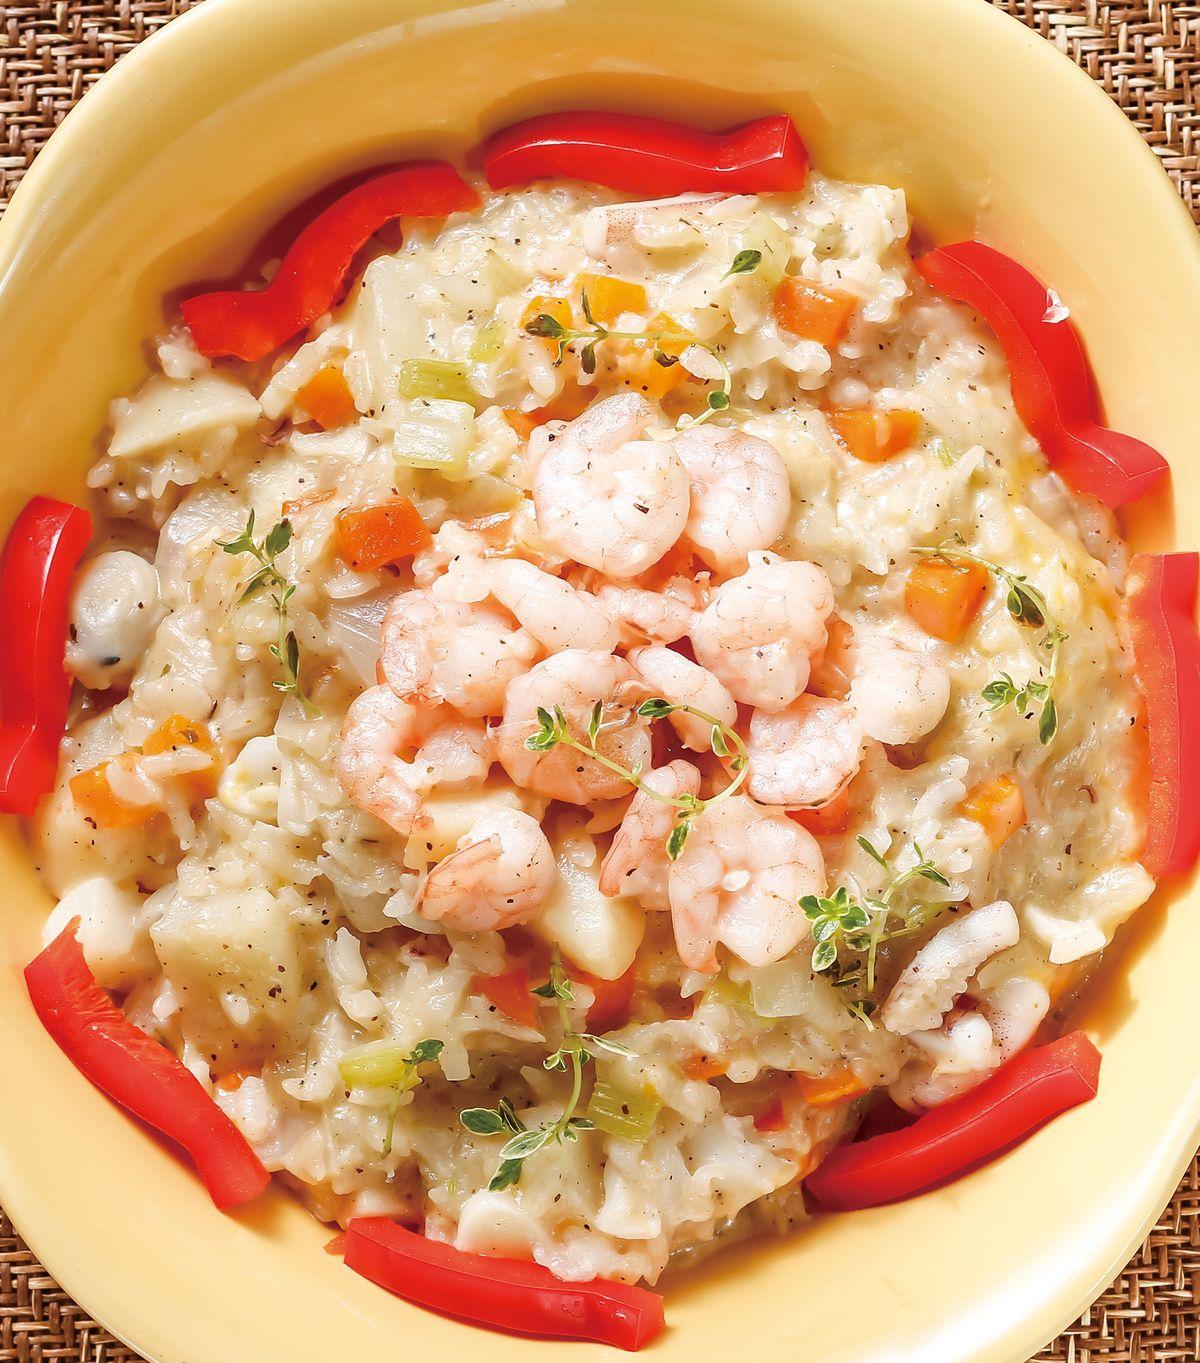 食譜:鮮蔬蝦仁燉飯(電鍋)